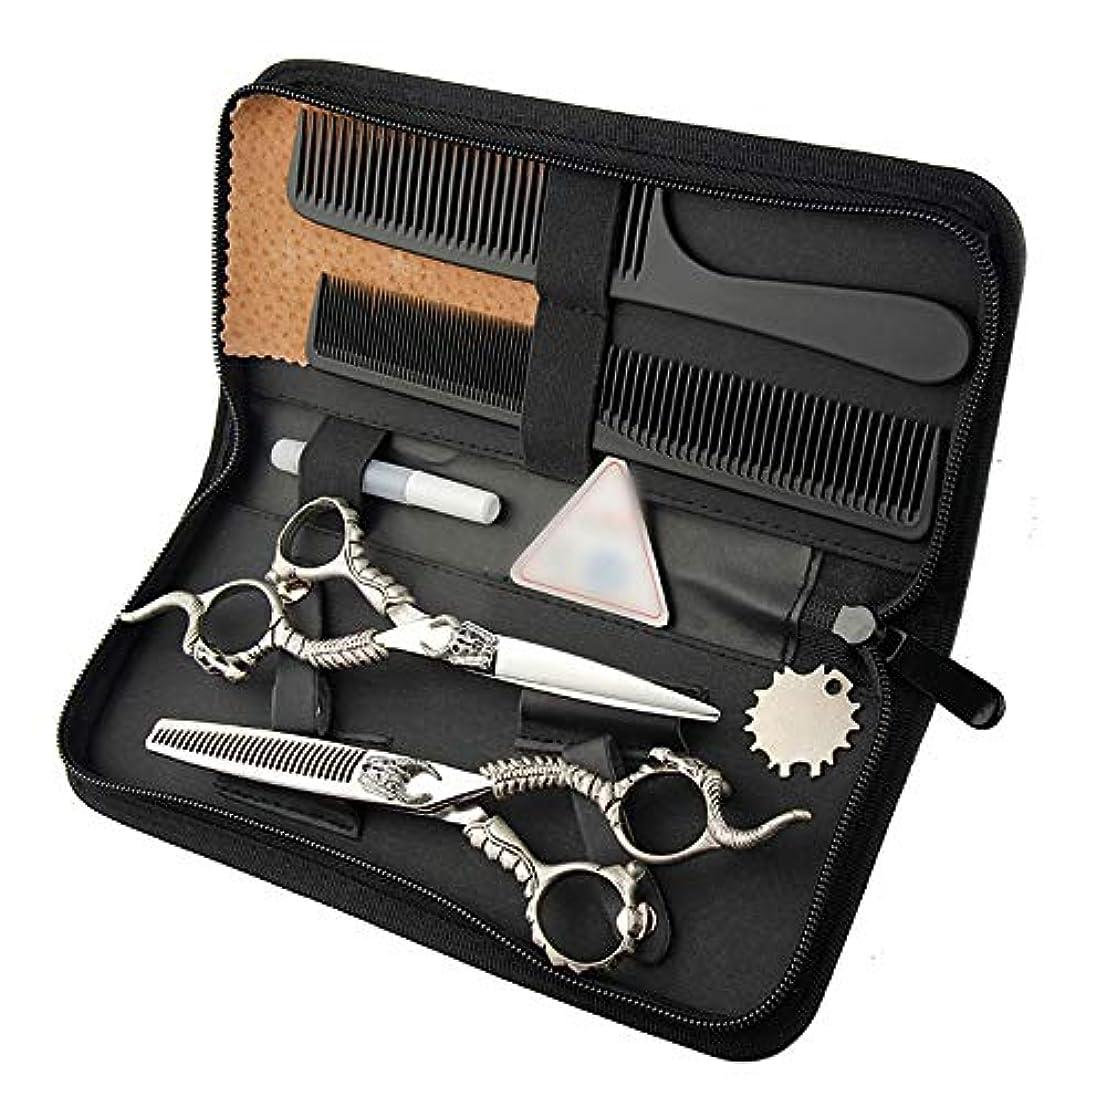 ふくろう寝る拡大する6インチ美容院プロのヘアカットレトロハンドルはさみツールセット モデリングツール (色 : Silver)